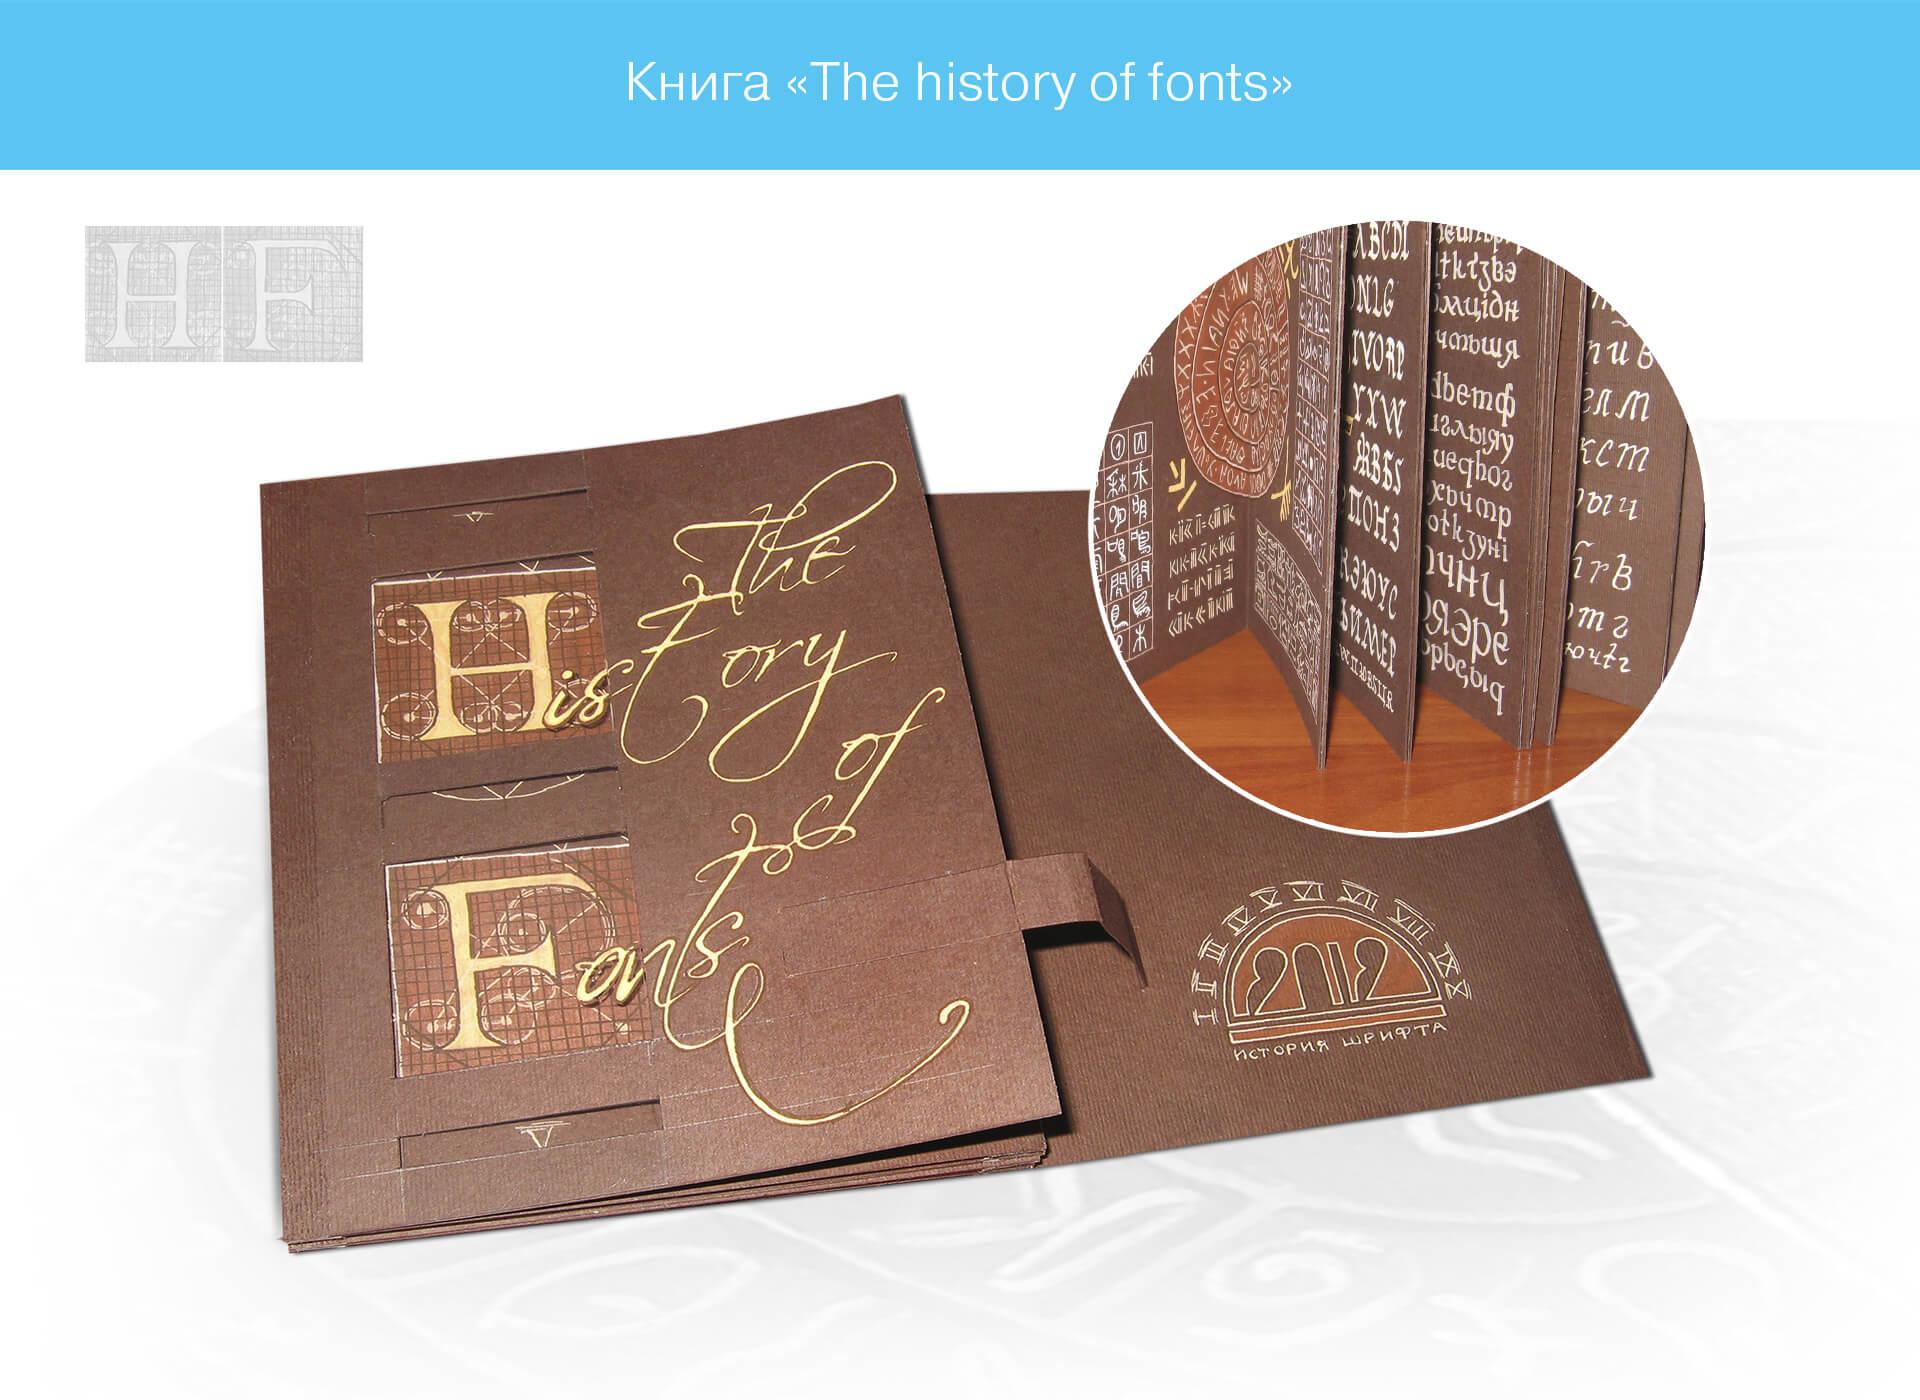 Prokochuk_Irina_book_the history of fonts_2